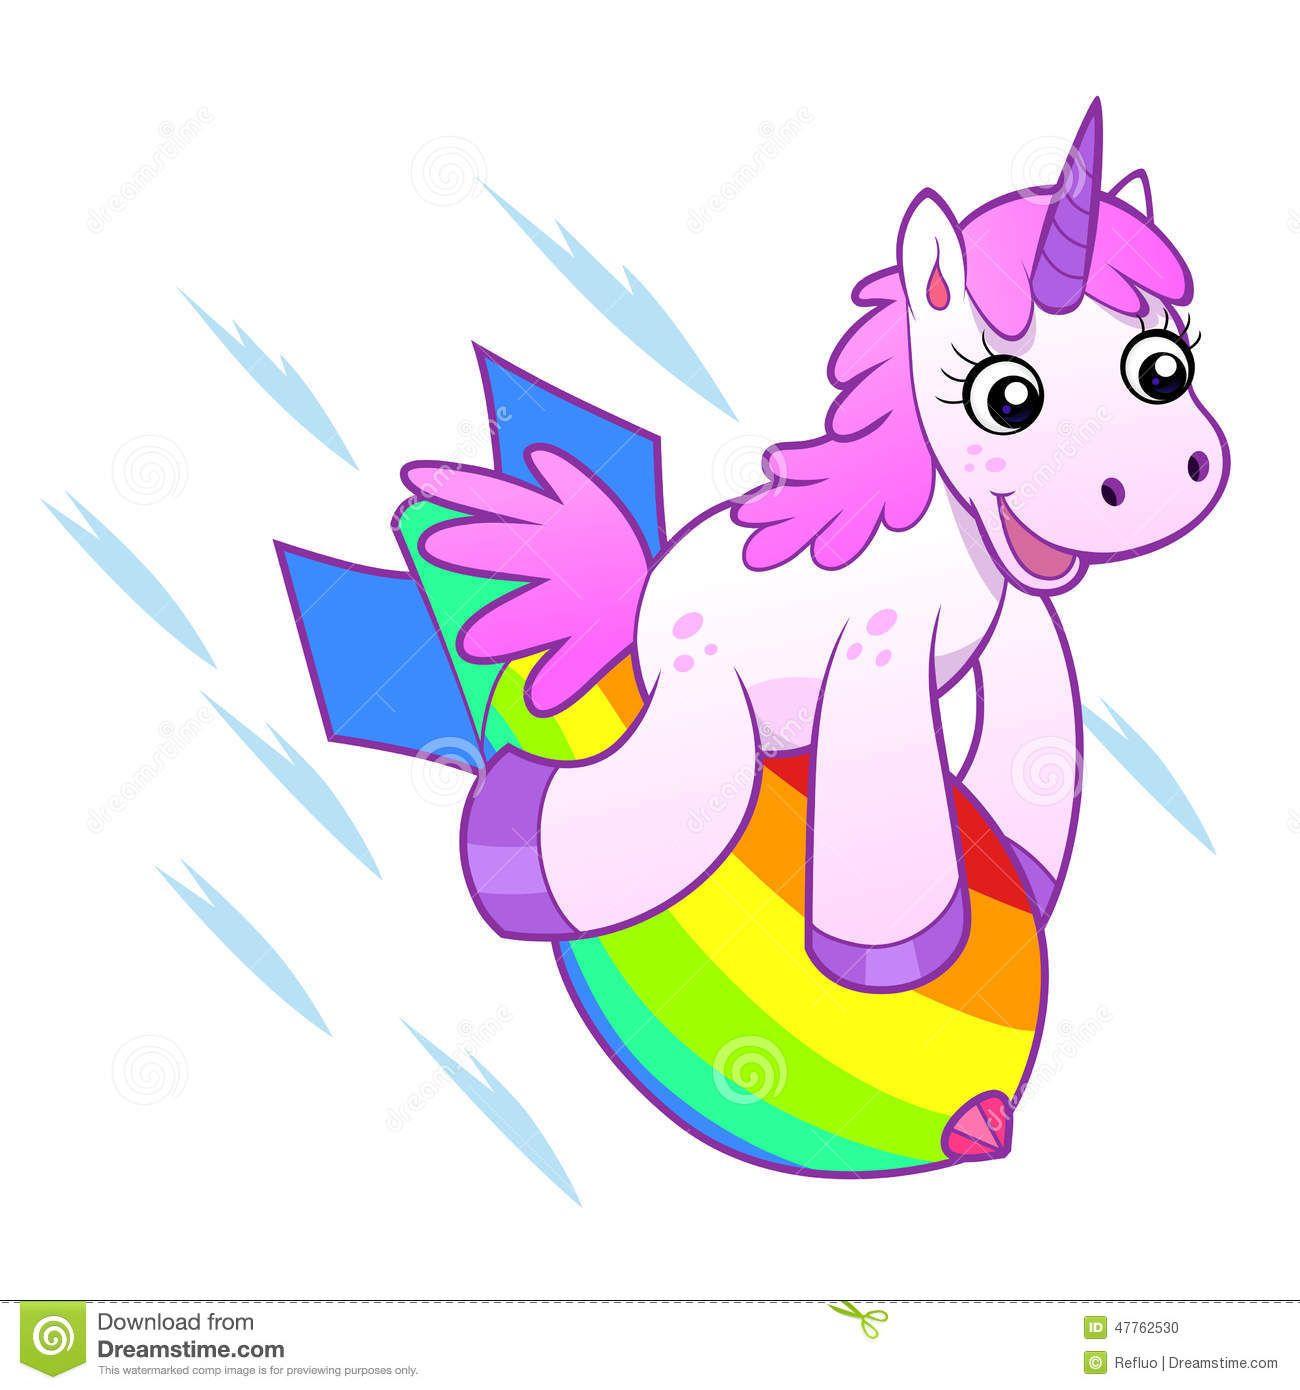 unicornio dibujo a color borracho - Buscar con Google  ce1885e131c2e